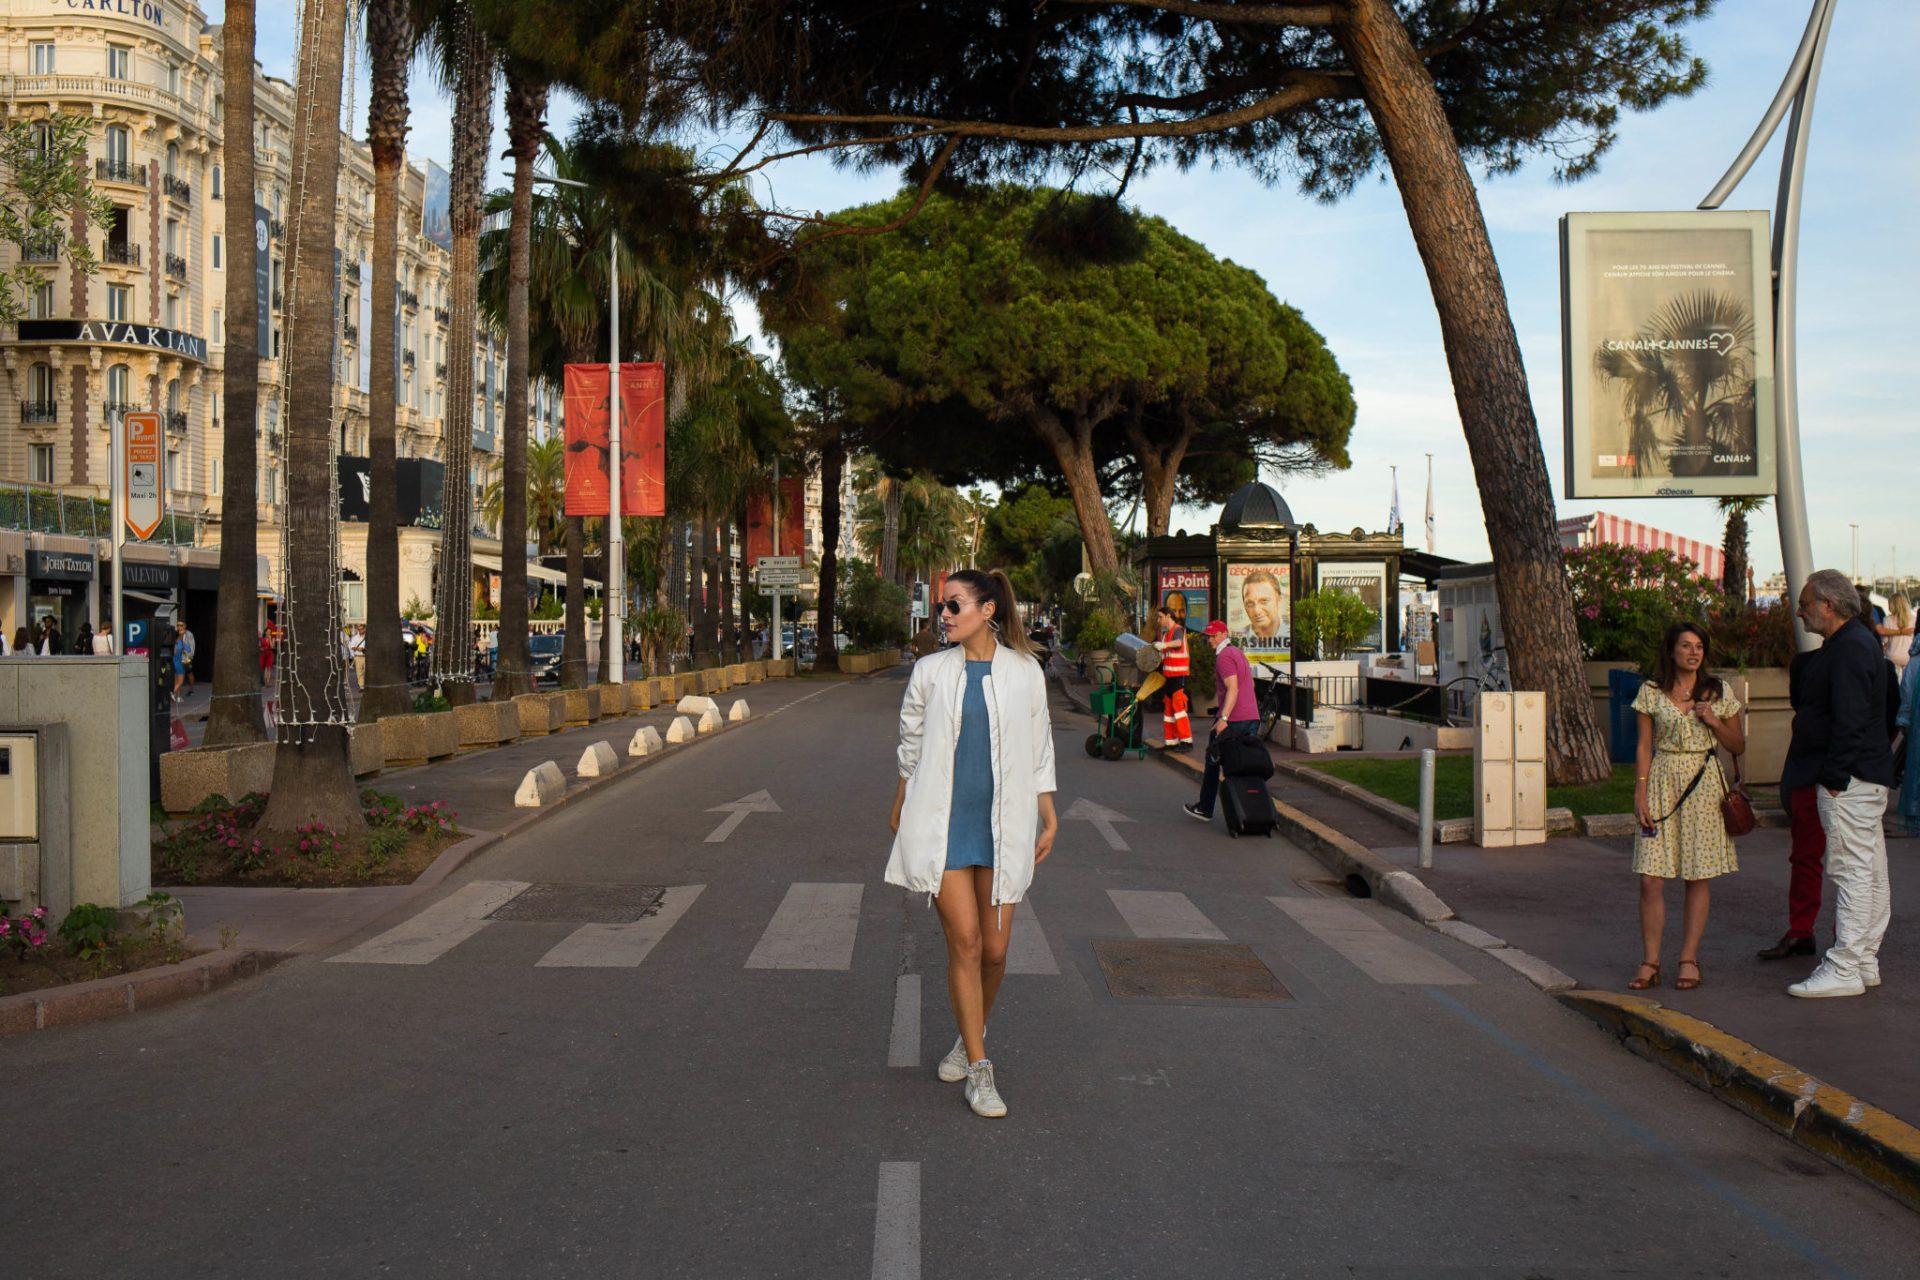 Promenade de la Croisette Cannes in May on the French Riviera